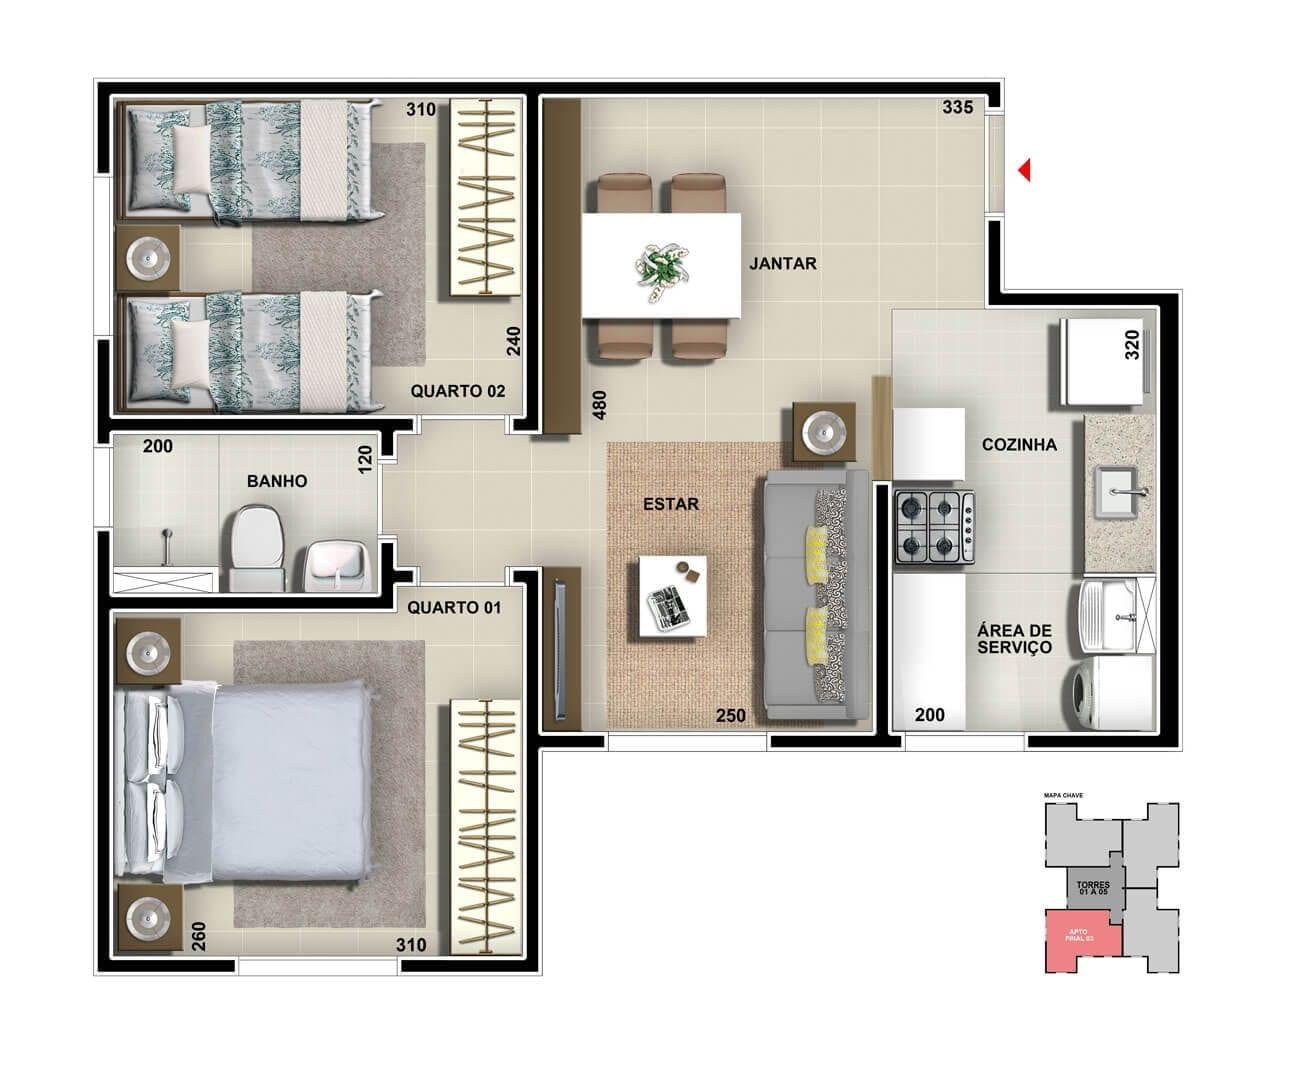 vic-engenharia-master-tower-sevilha-apartamento-tipo-cozinha-americana